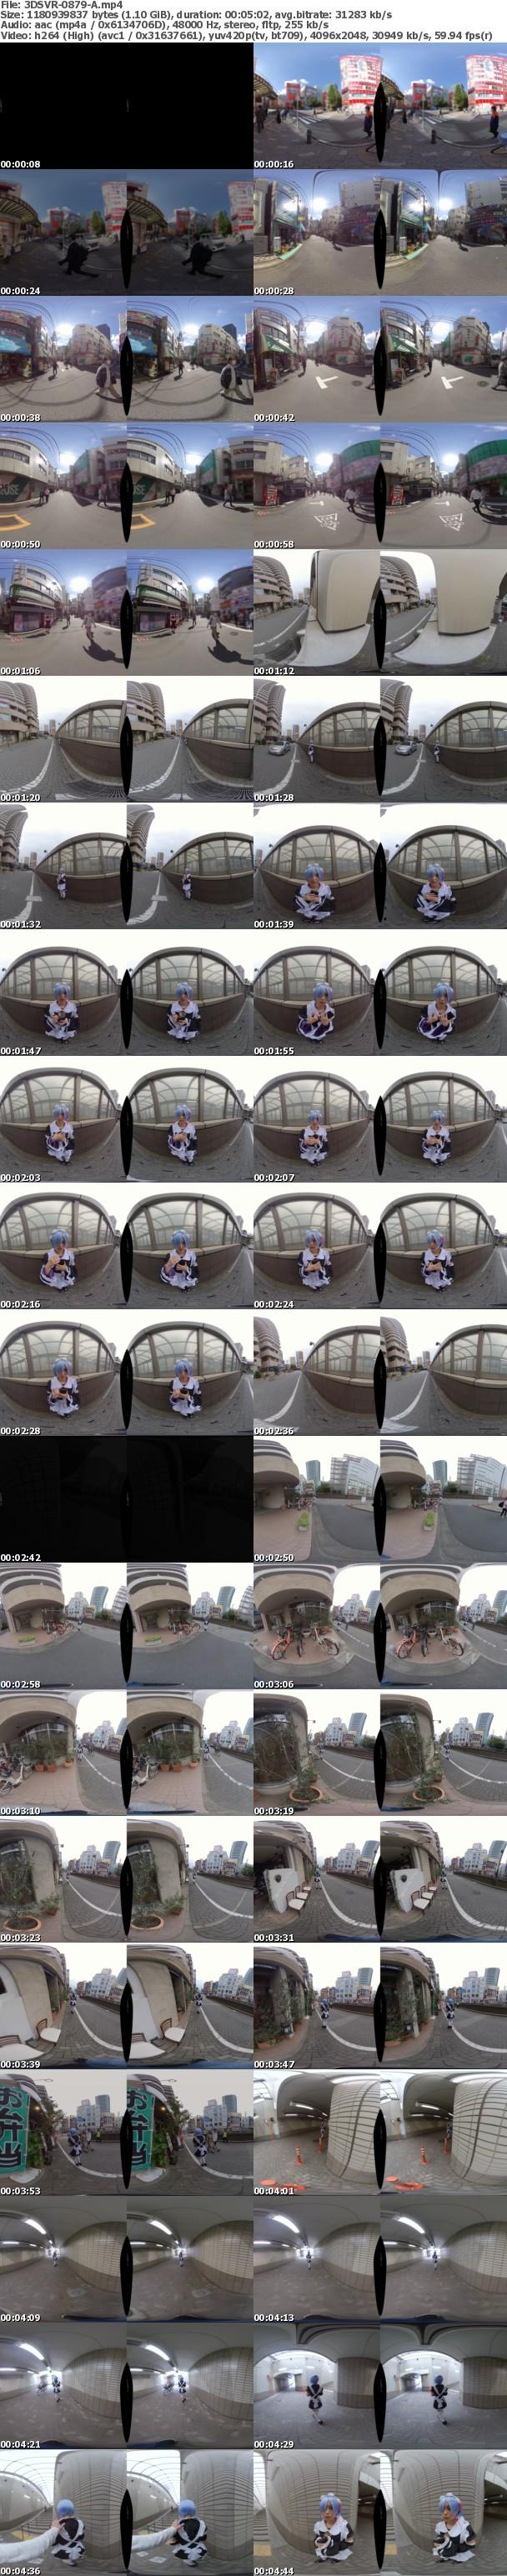 (VR) 3DSVR-0879 【追跡視点】アキバでみつけたコスプレイヤー 誘拐・強●VR 露出度高いキャラクターコス。リアルでその恰好はレ○プOKでしょ…